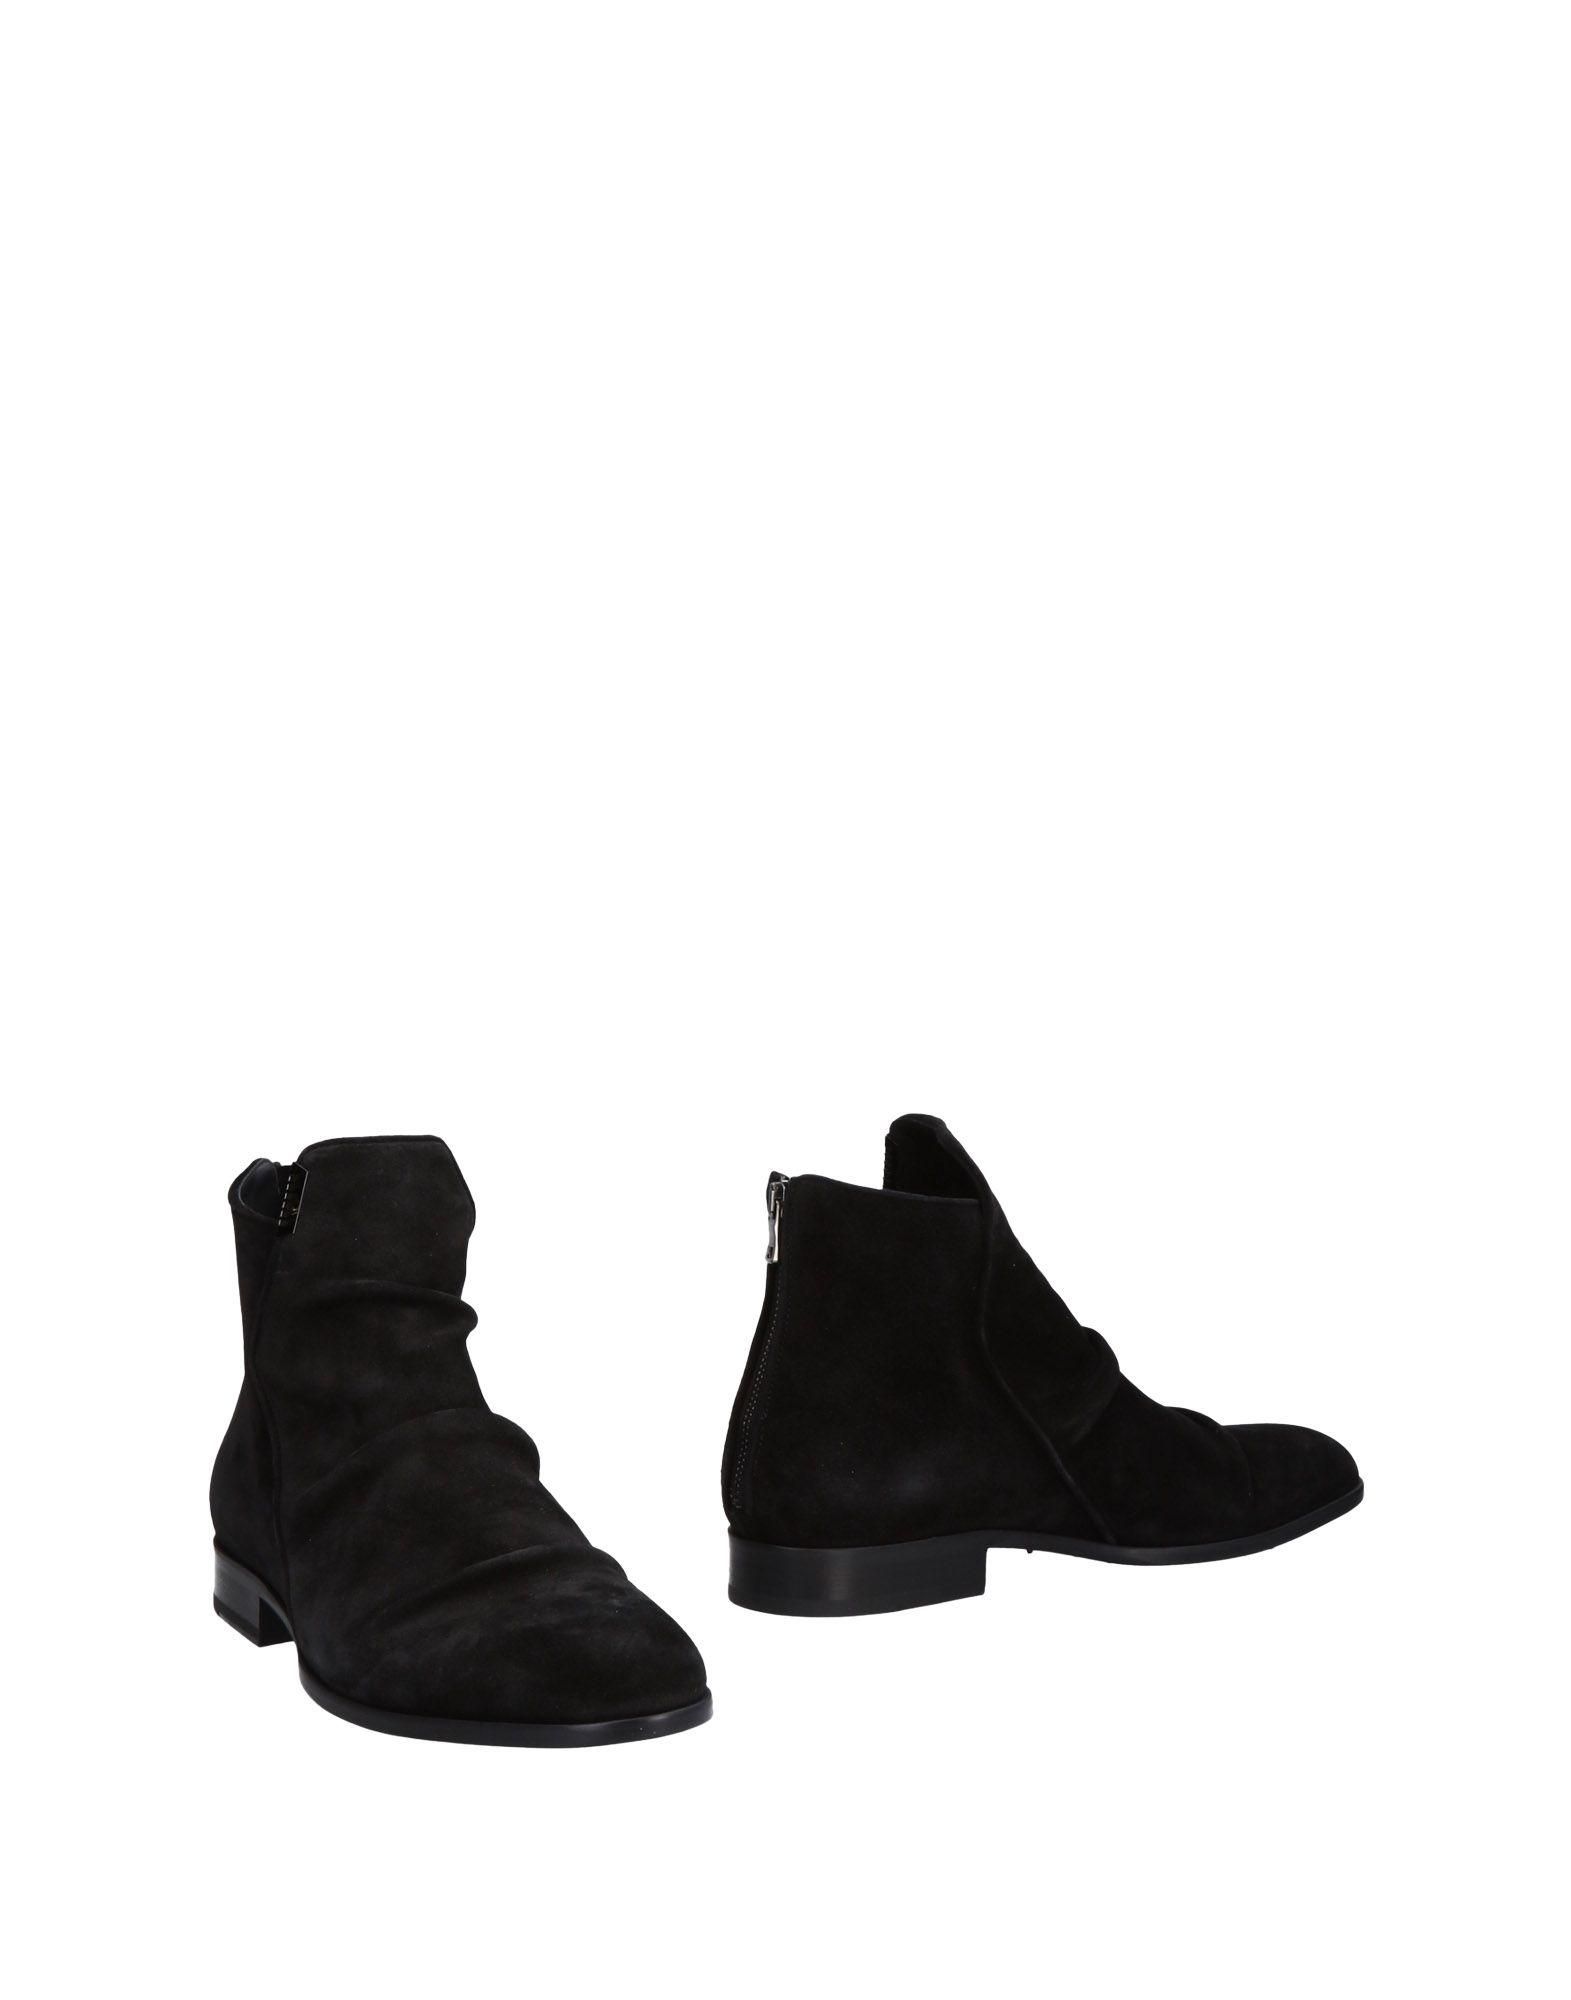 Matt Moro Stiefelette Herren  11468021SI Gute Qualität beliebte Schuhe